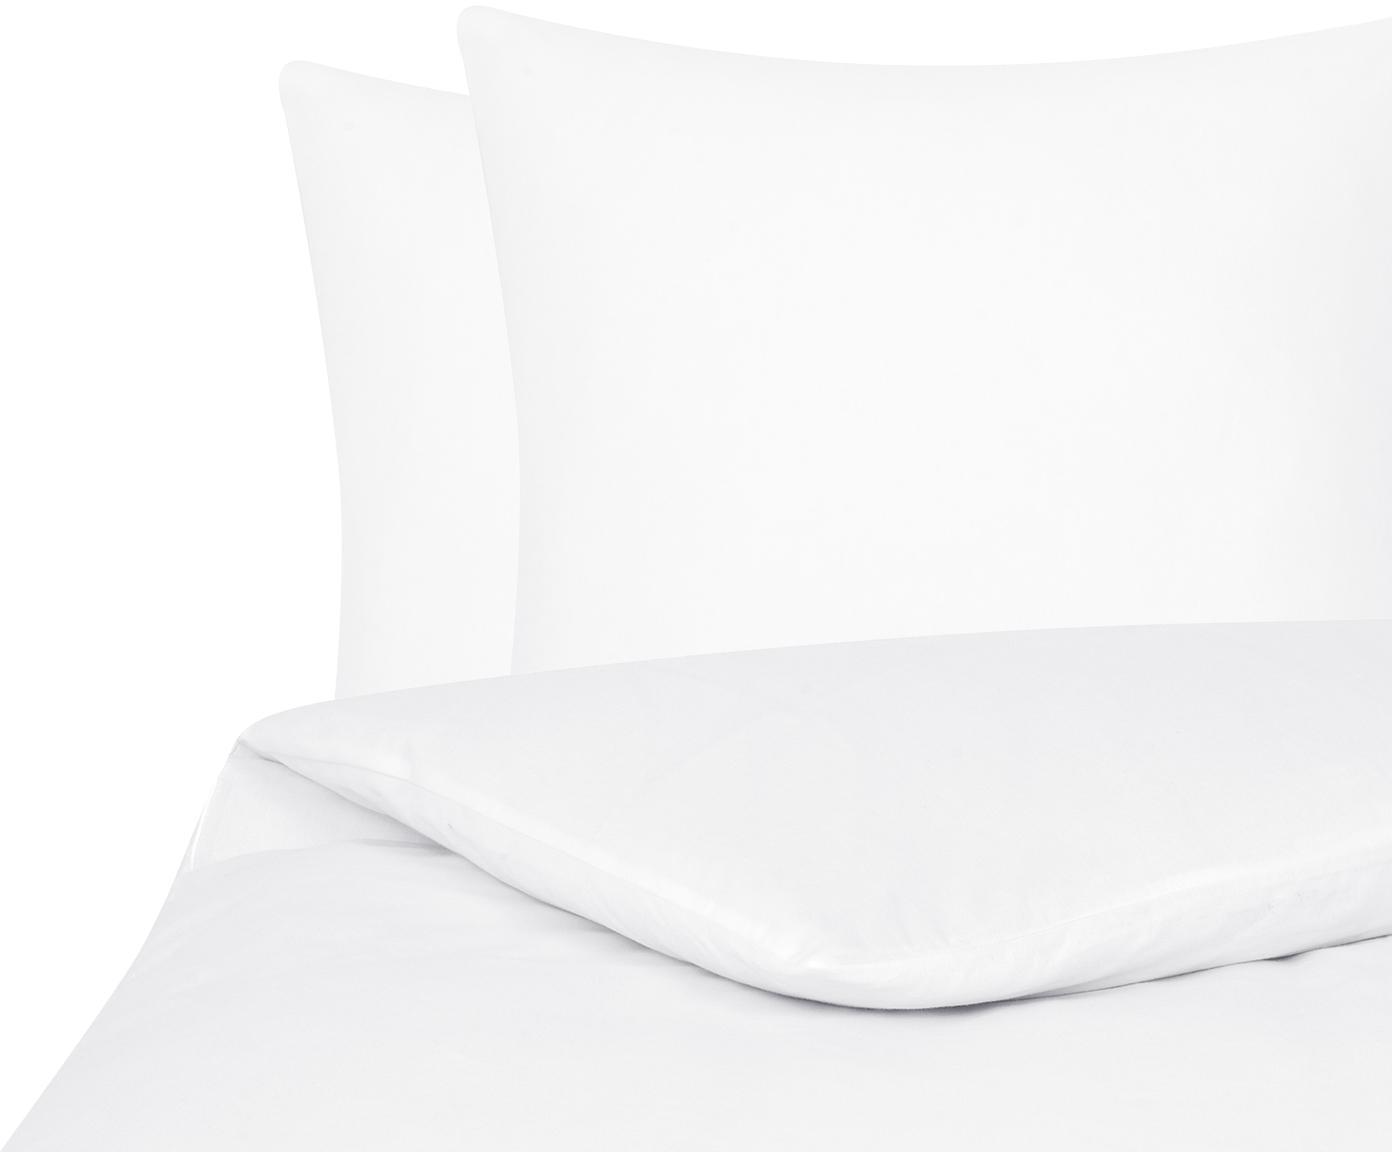 Flanell-Bettwäsche Biba in Weiß, Webart: Flanell Flanell ist ein s, Weiß, 200 x 200 cm + 2 Kissen 80 x 80 cm